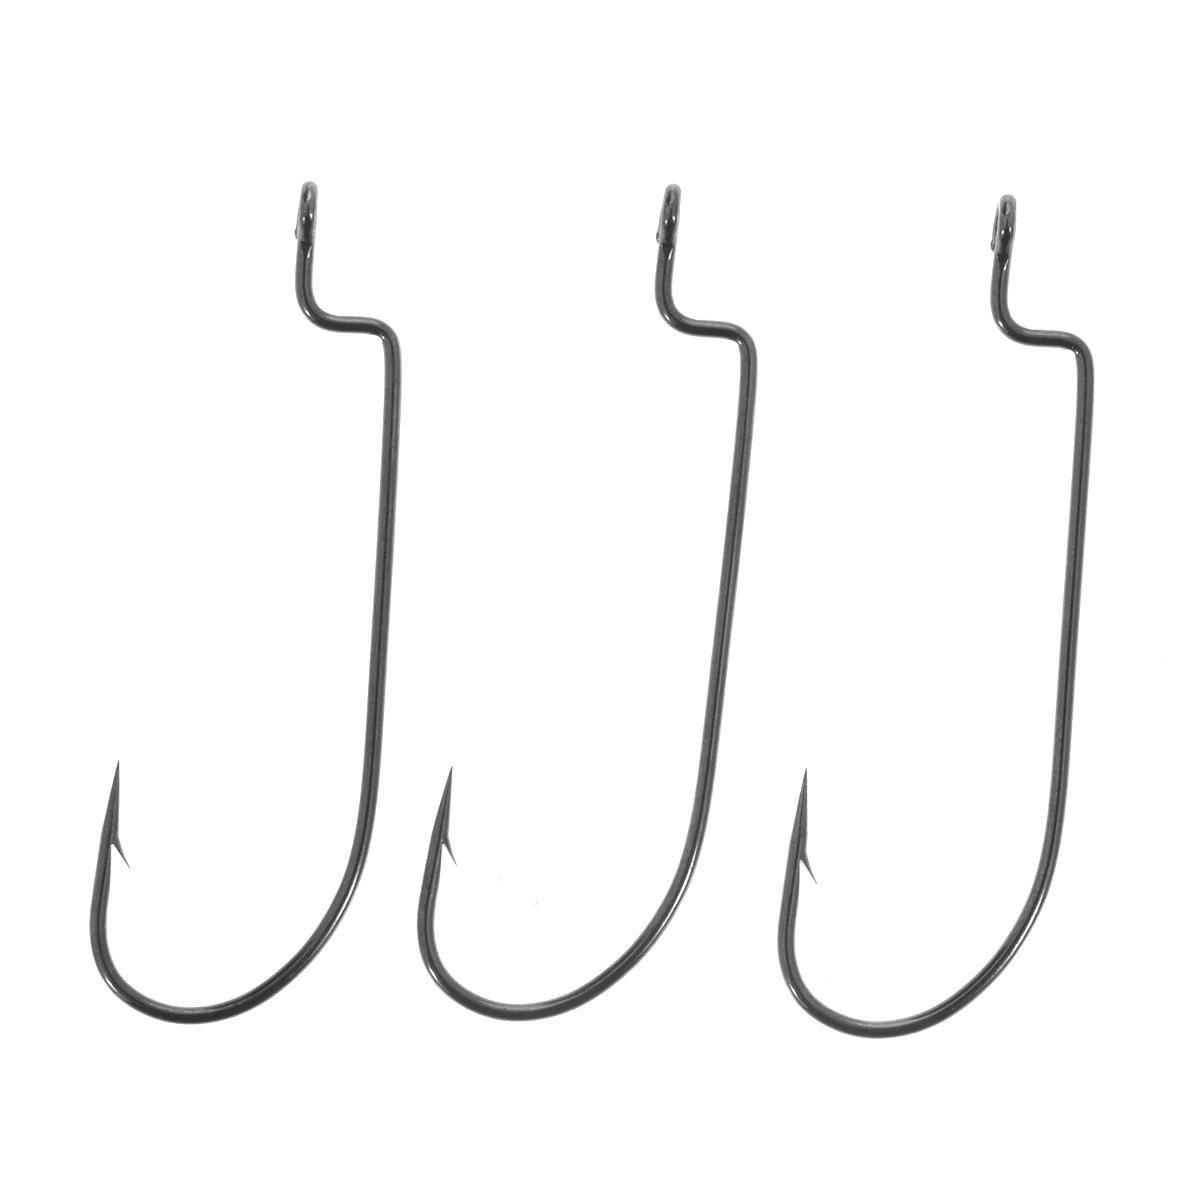 Крючки рыболовные офсетные Cobra L-worm, цвет: черный, размер 3/0, 3 шт крючки рыболовные cobra feeder master цвет черный размер 10 10 шт